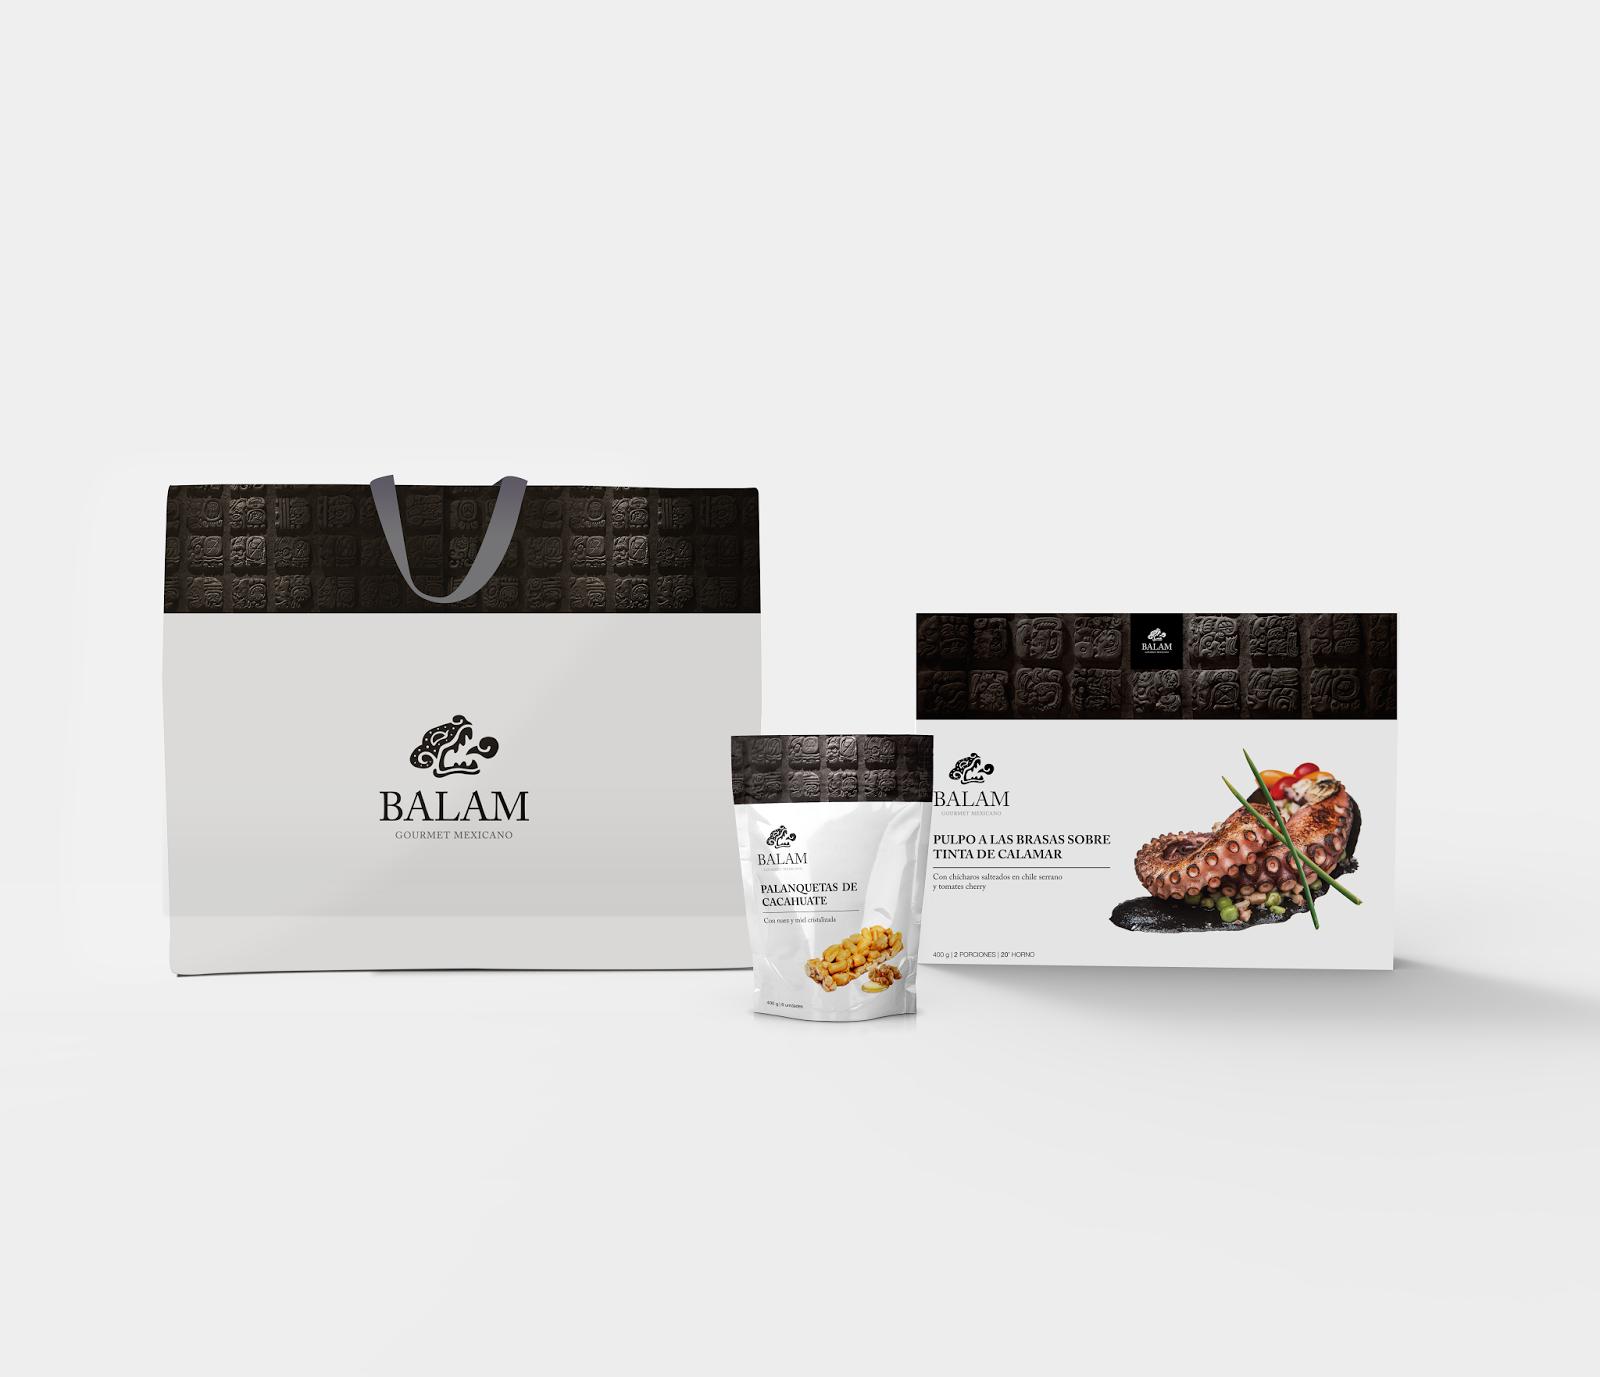 Thiết kế bao bì sản phẩm Balam